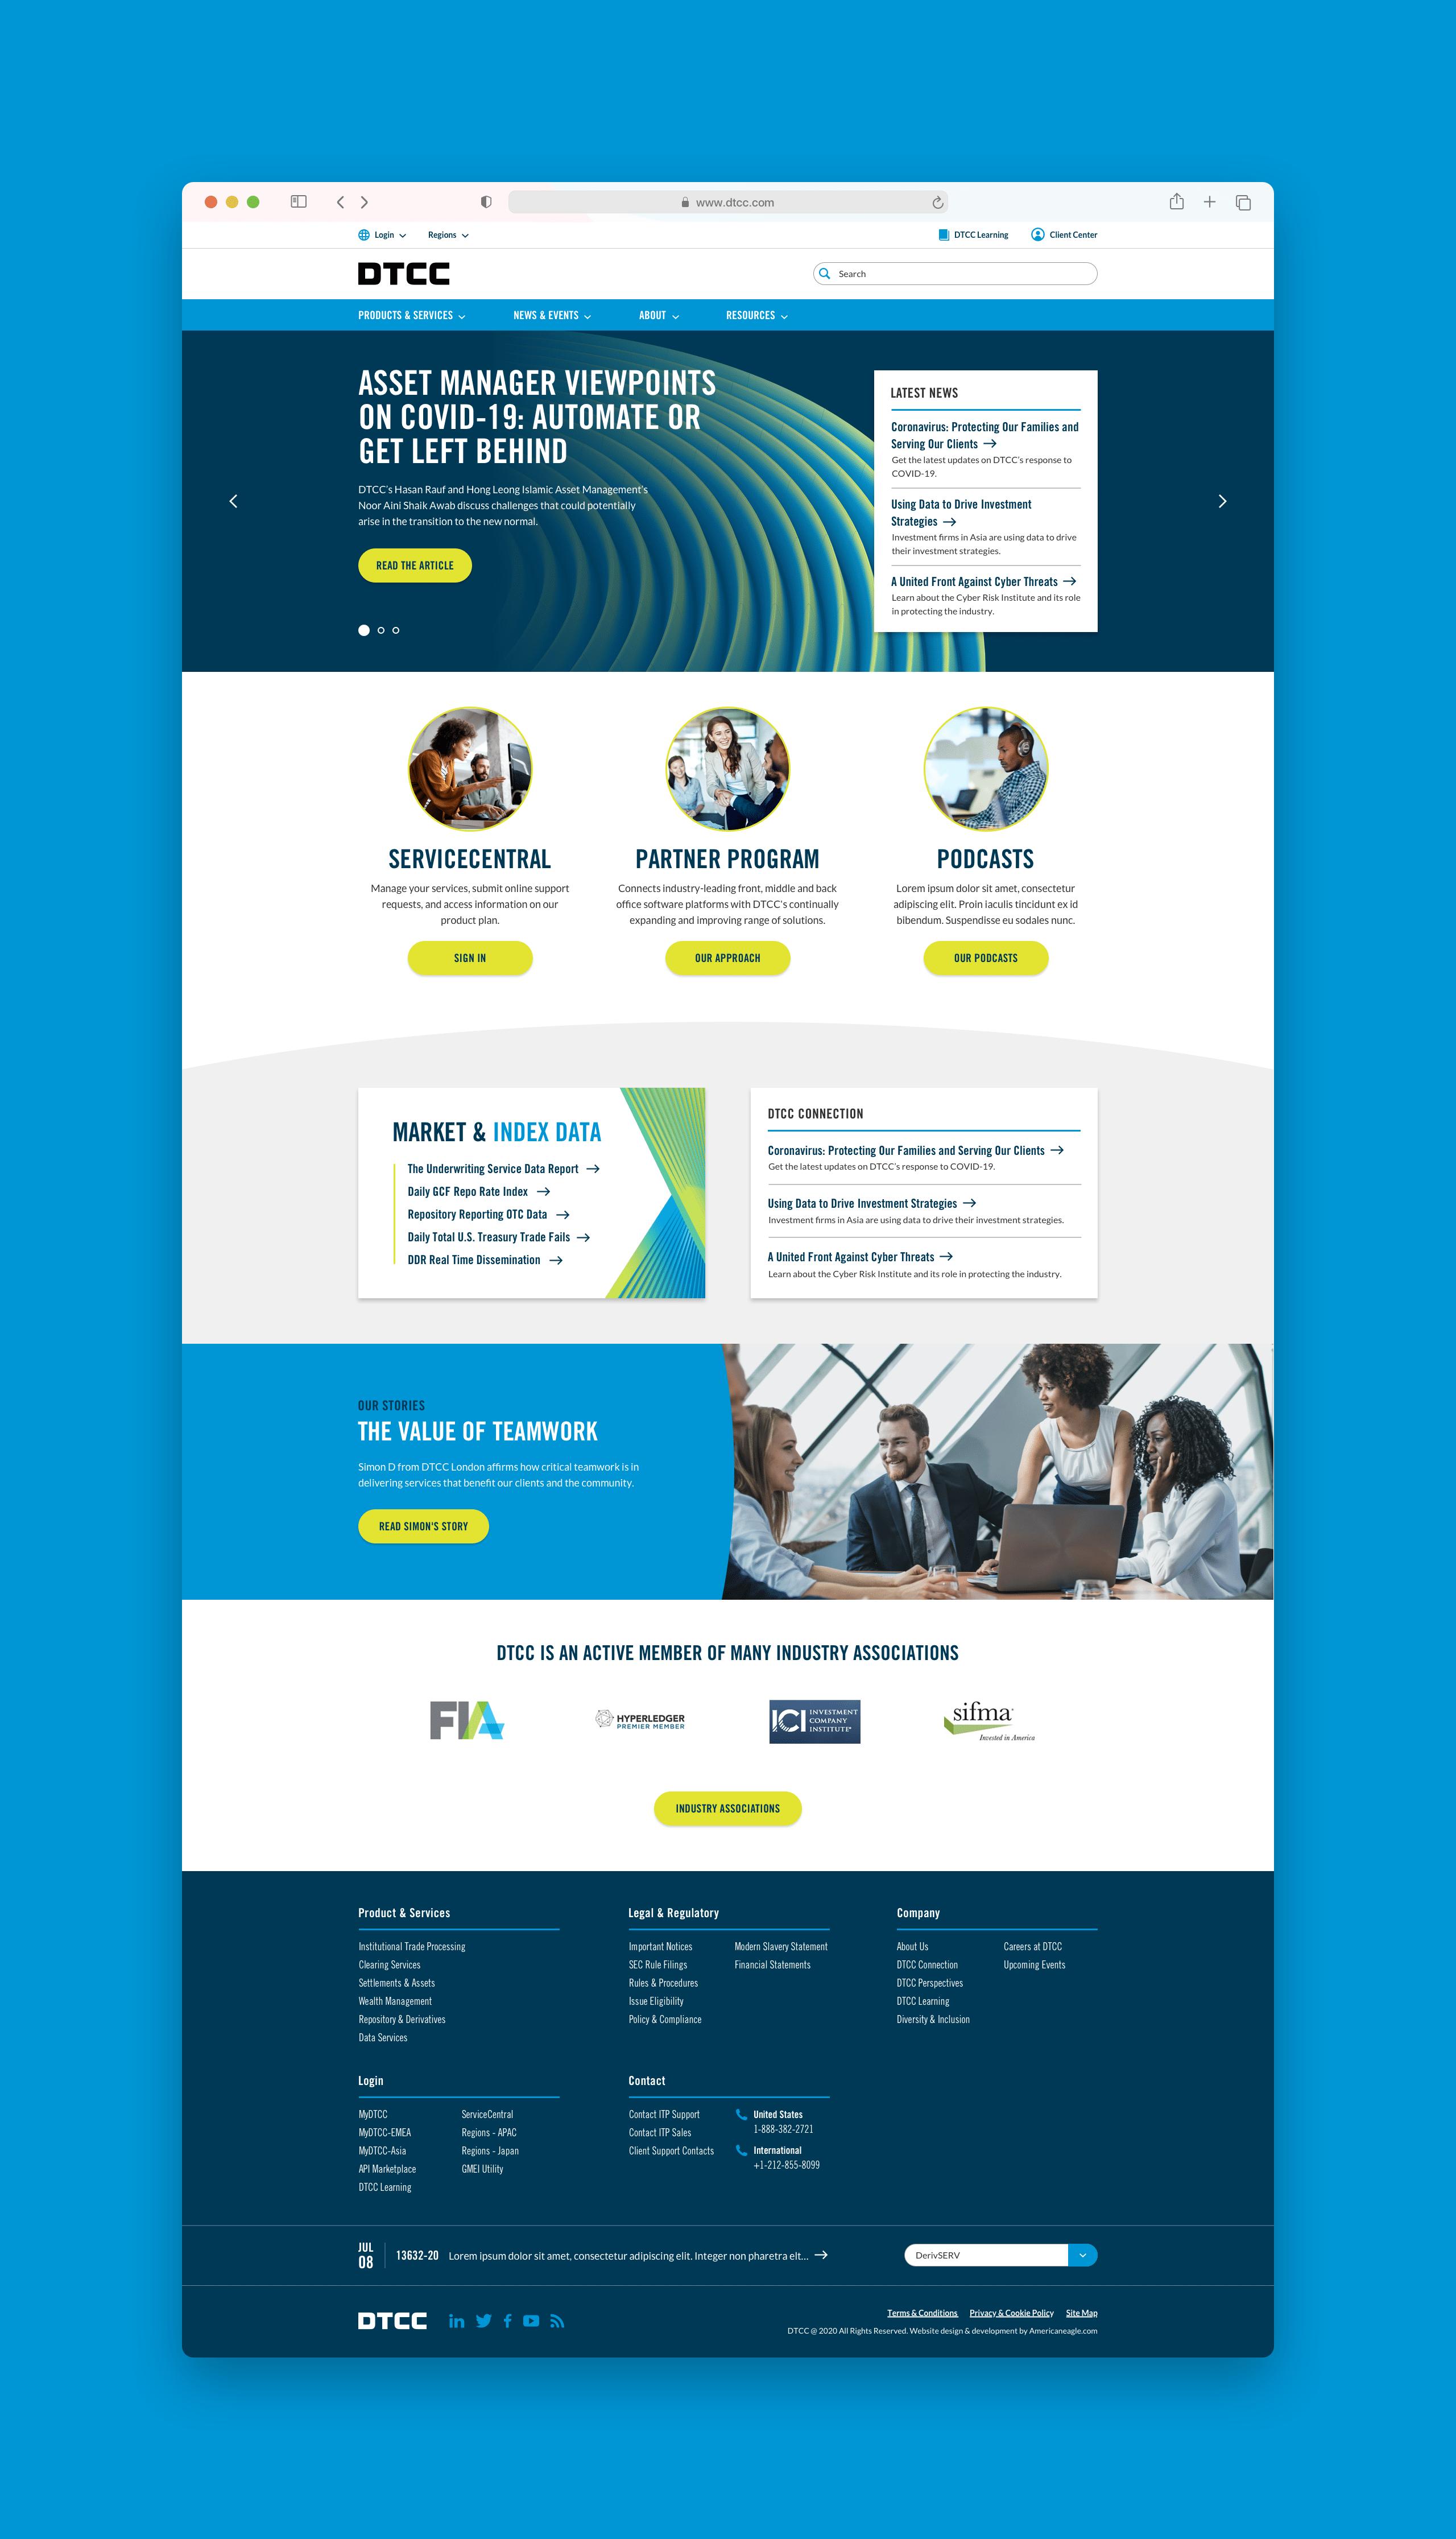 DTCC Homepage